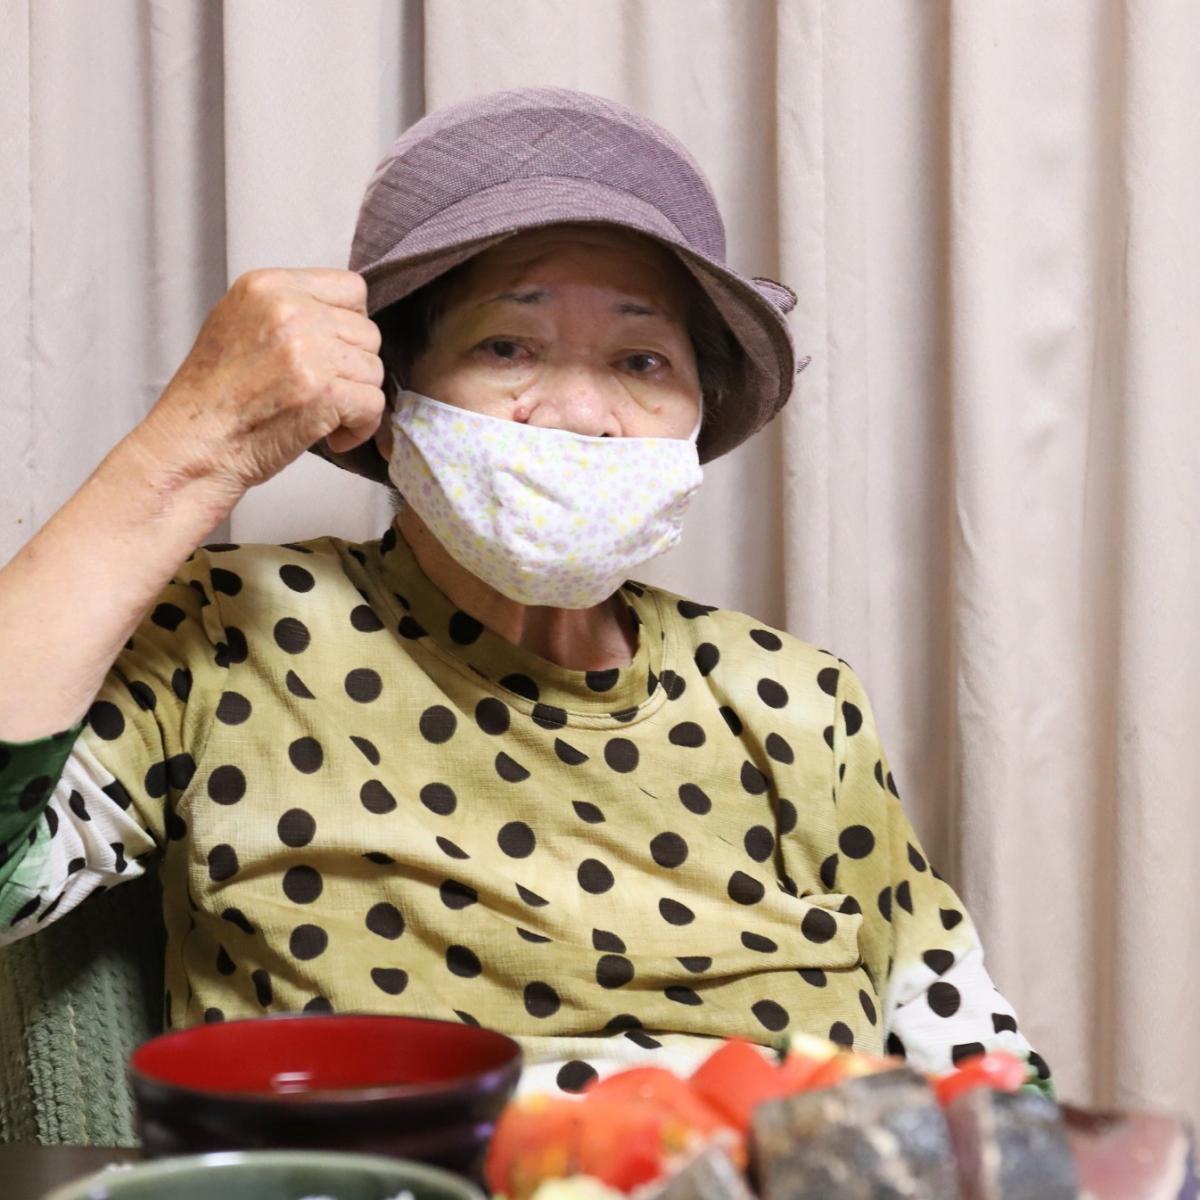 おしゃれな夏用の帽子をかぶり食卓に着く祖母・おばあ